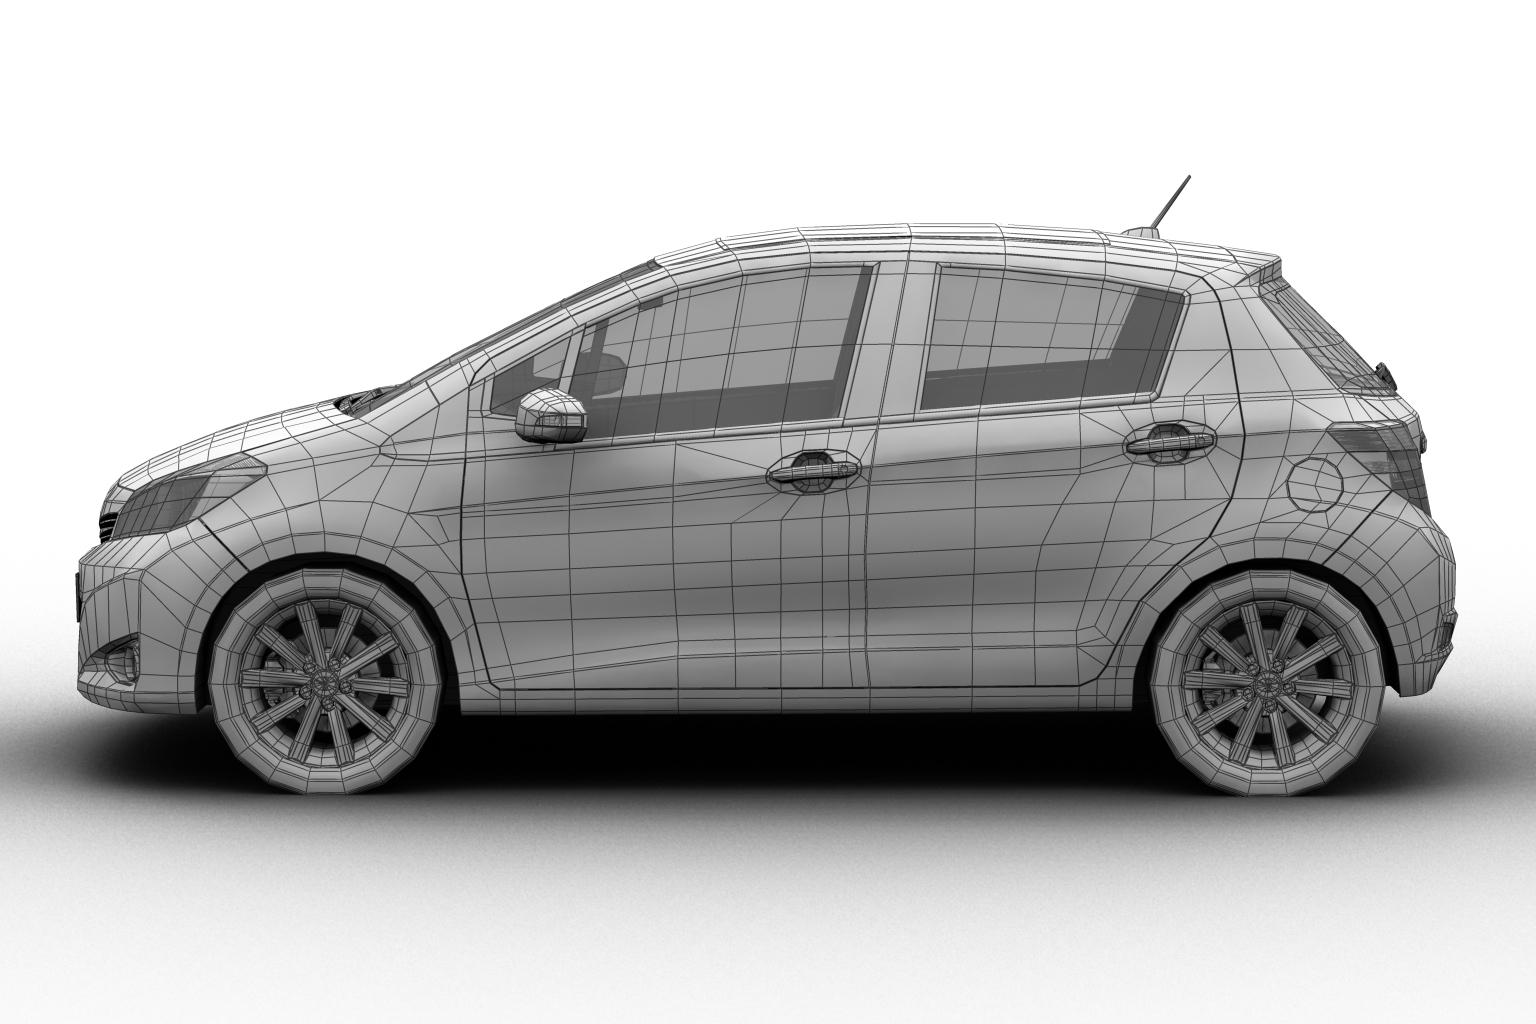 2012 toyota yaris (vitz) 3d model 3ds max fbx c4d lwo hrc xsi obj 136169